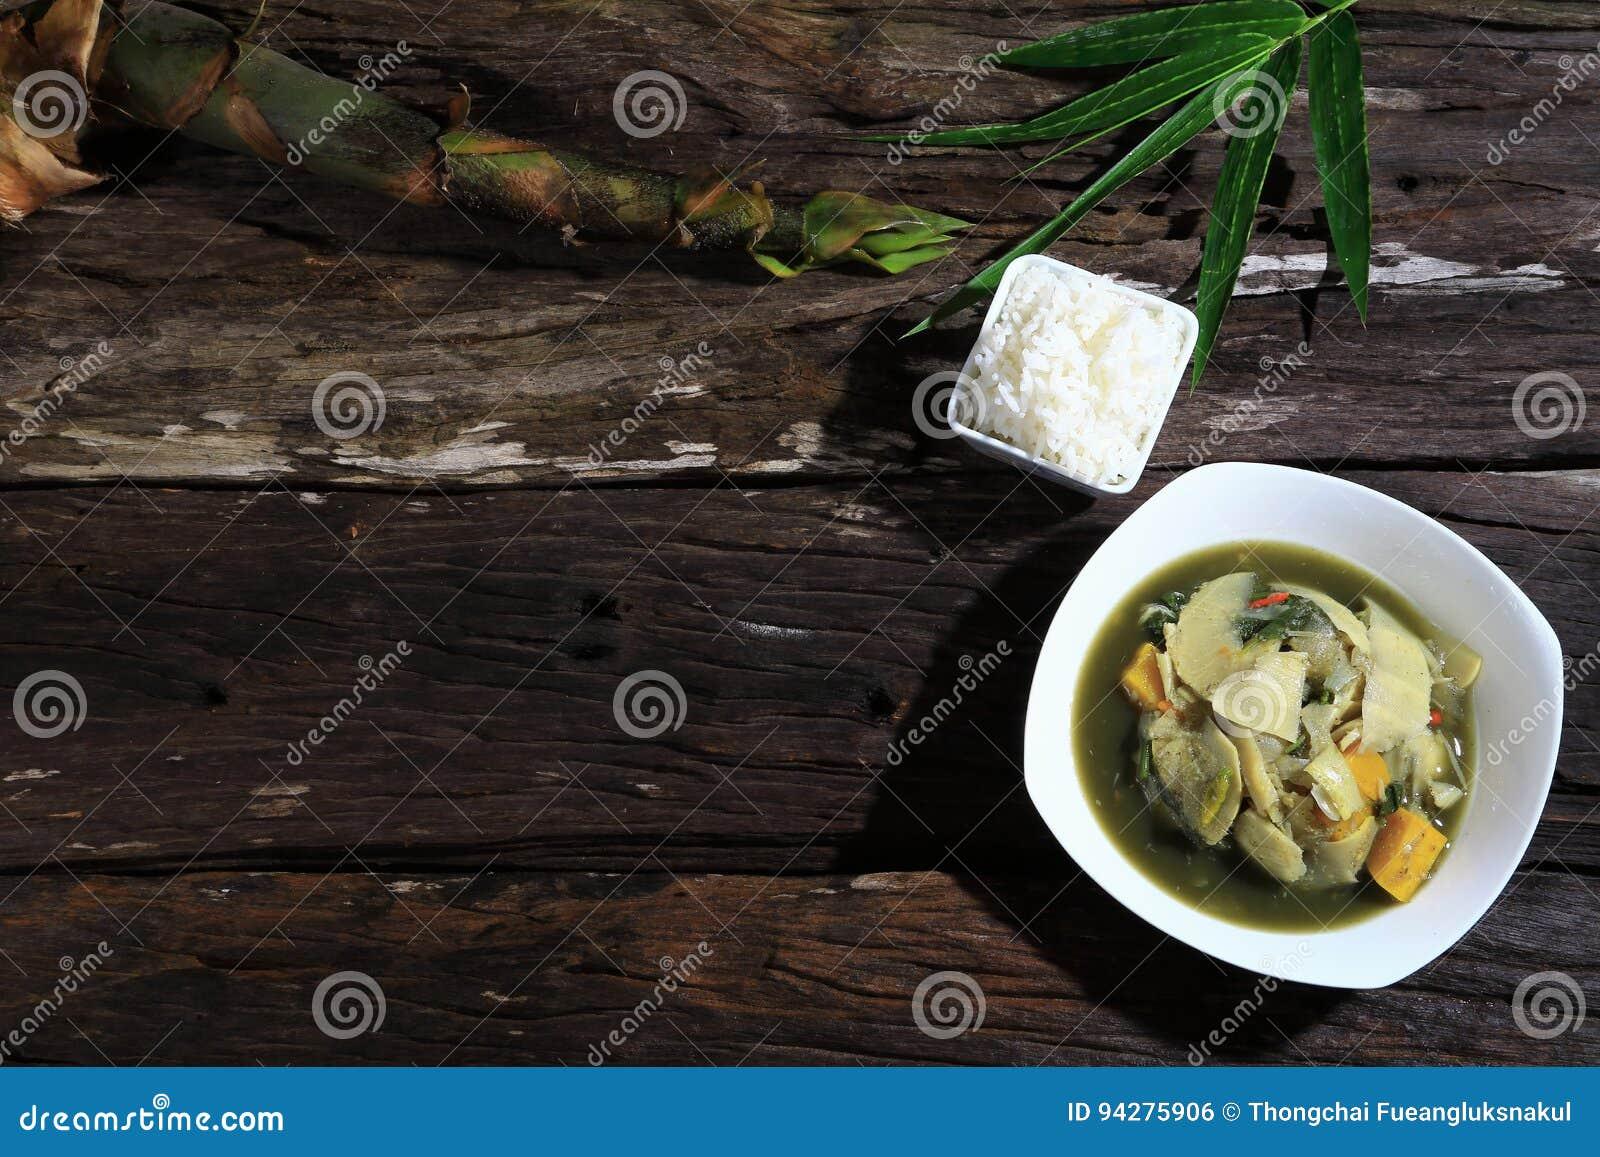 Bambusowego krótkopędu Thaifood zupnego północnego wschodu prawdziwy oryginał